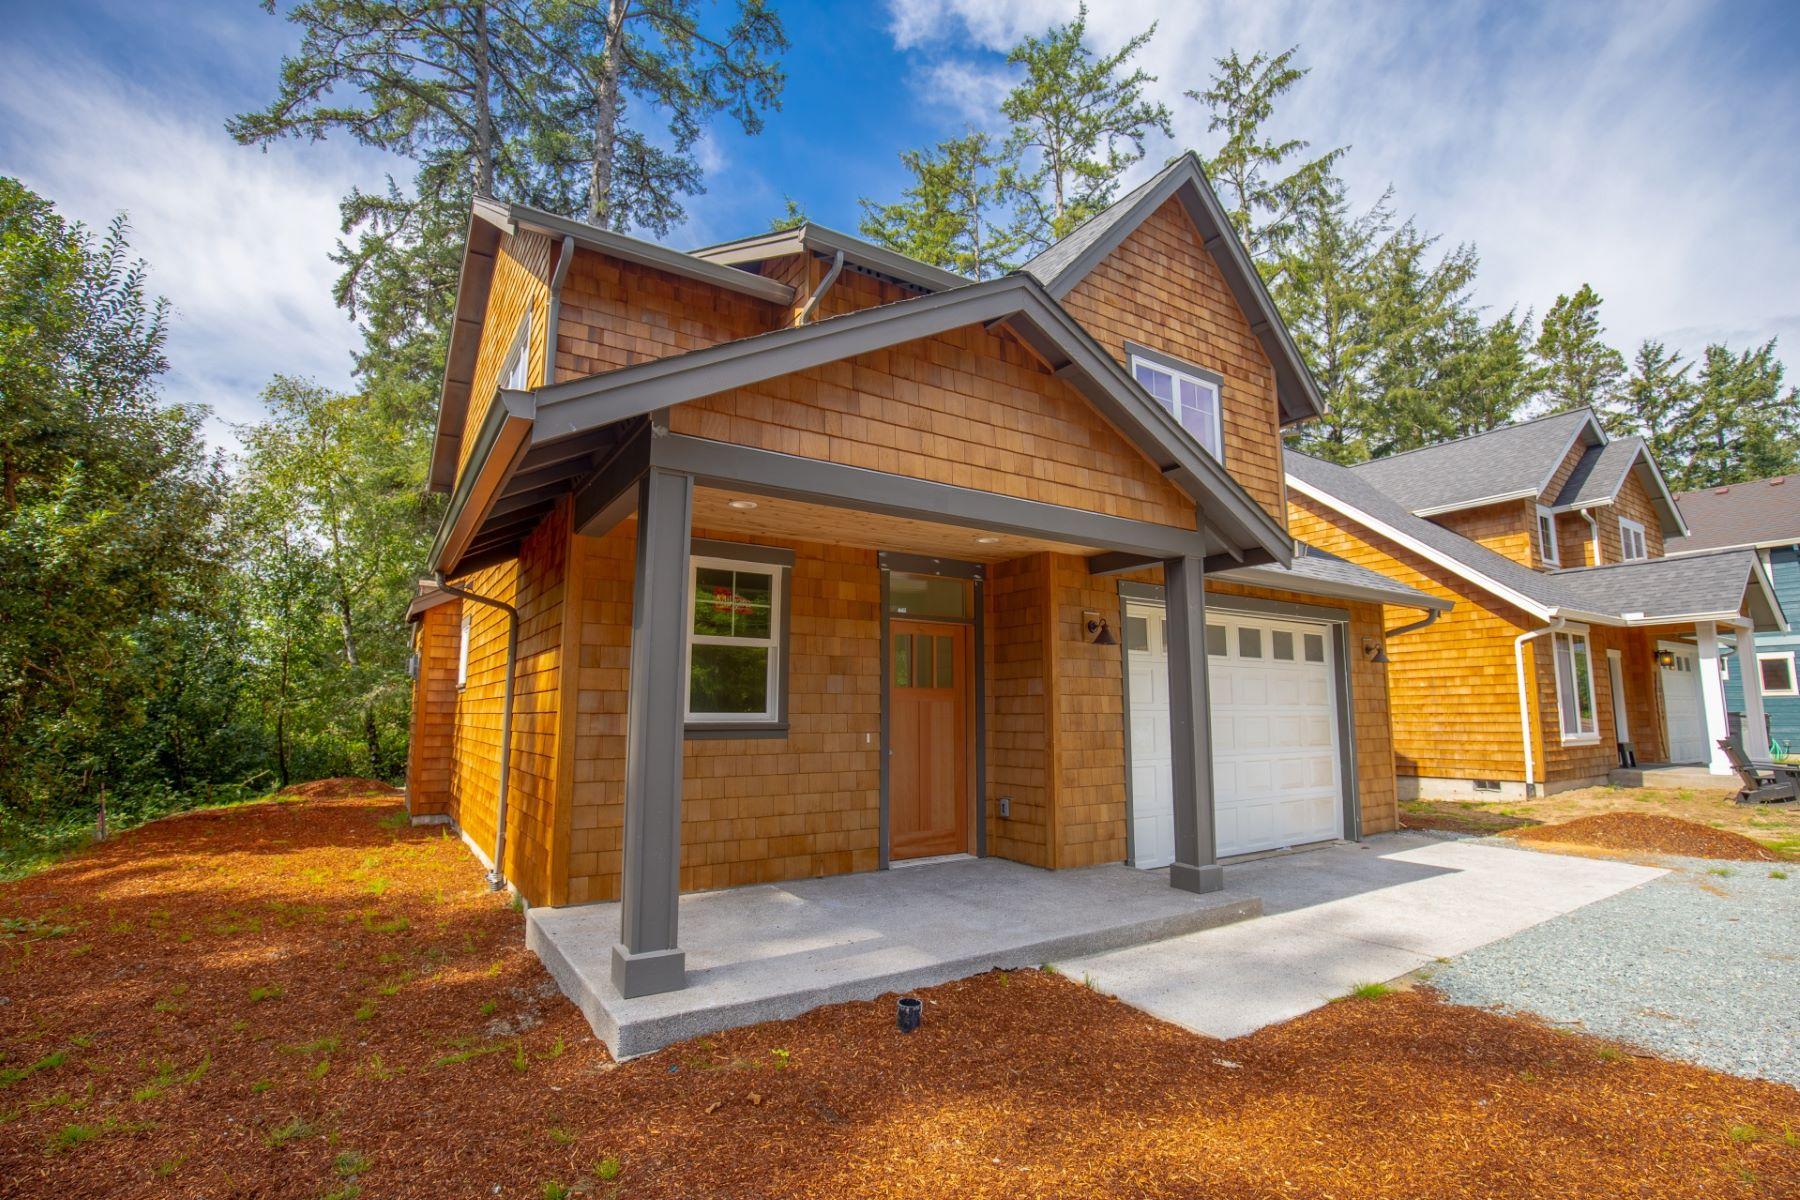 Single Family Homes pour l Vente à Quality New Construction 34720 Nehalem Ave, Manzanita, Oregon 97130 États-Unis